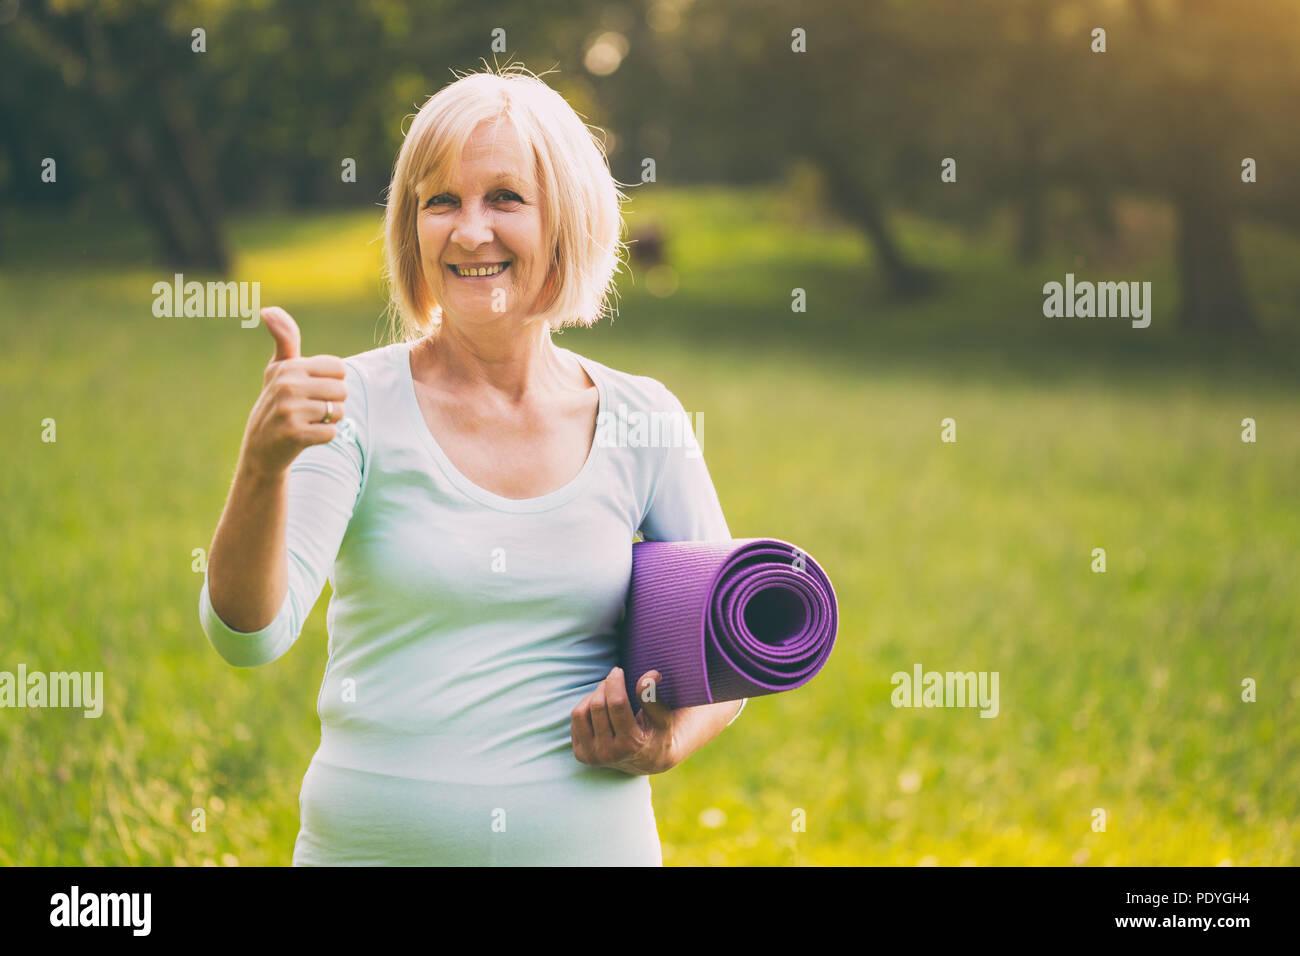 Retrato de mujer senior deportivo mostrando el pulgar hacia arriba y la celebración de MAT en la naturaleza.Imagen es intencionalmente tonificado. Imagen De Stock